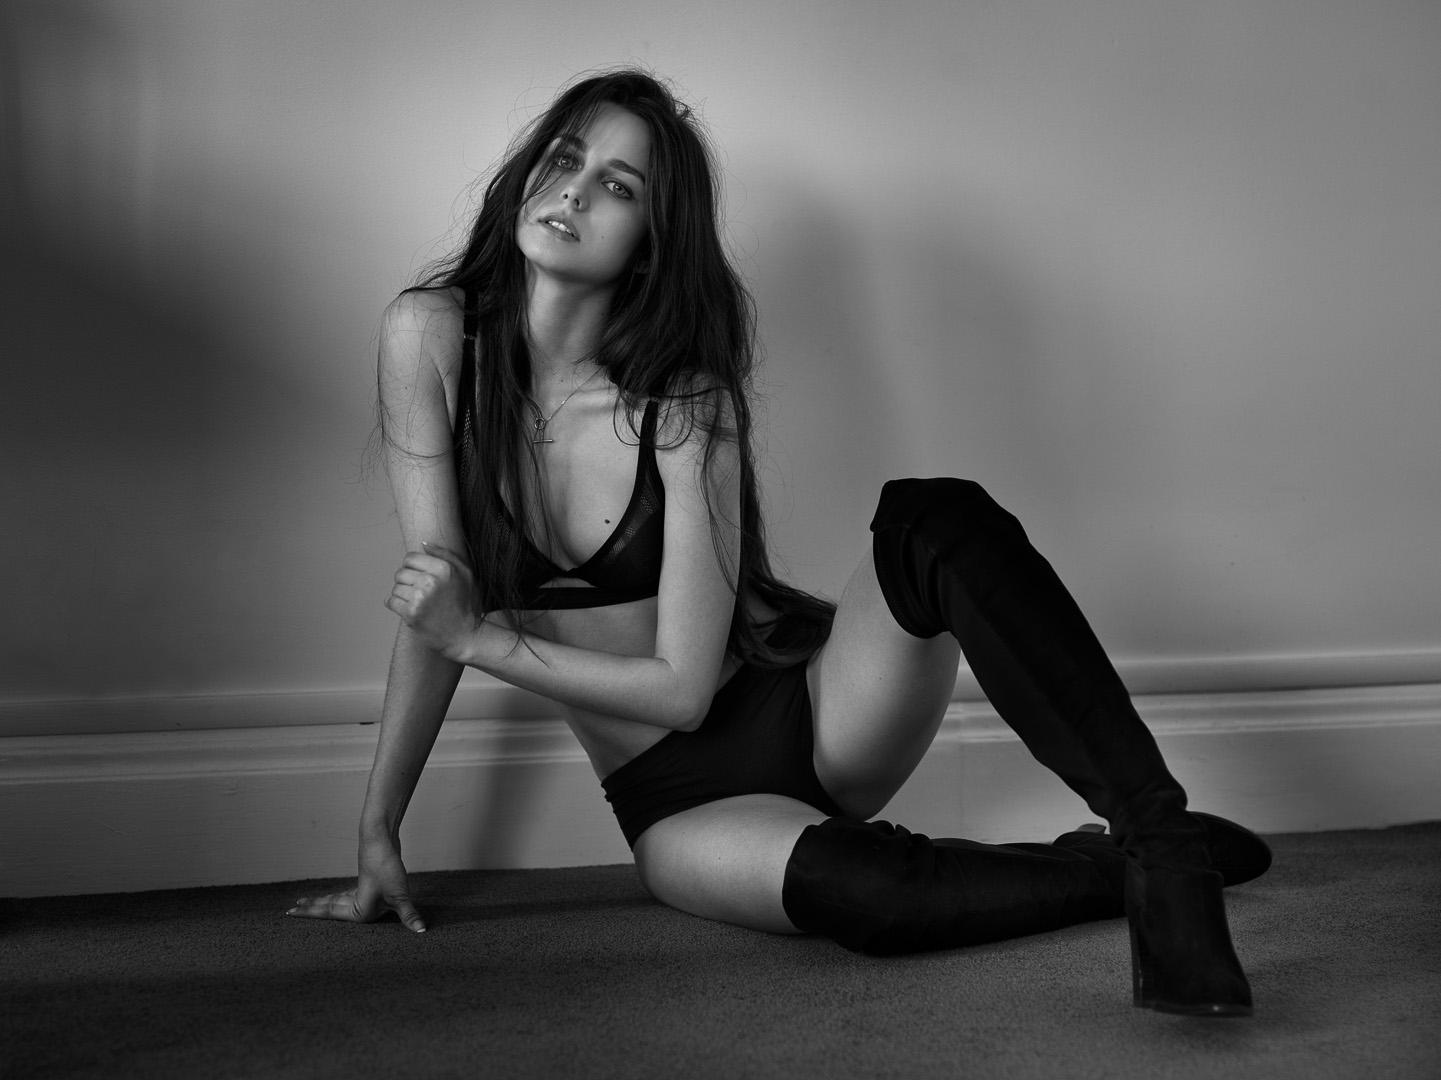 Juliette-170516_0005